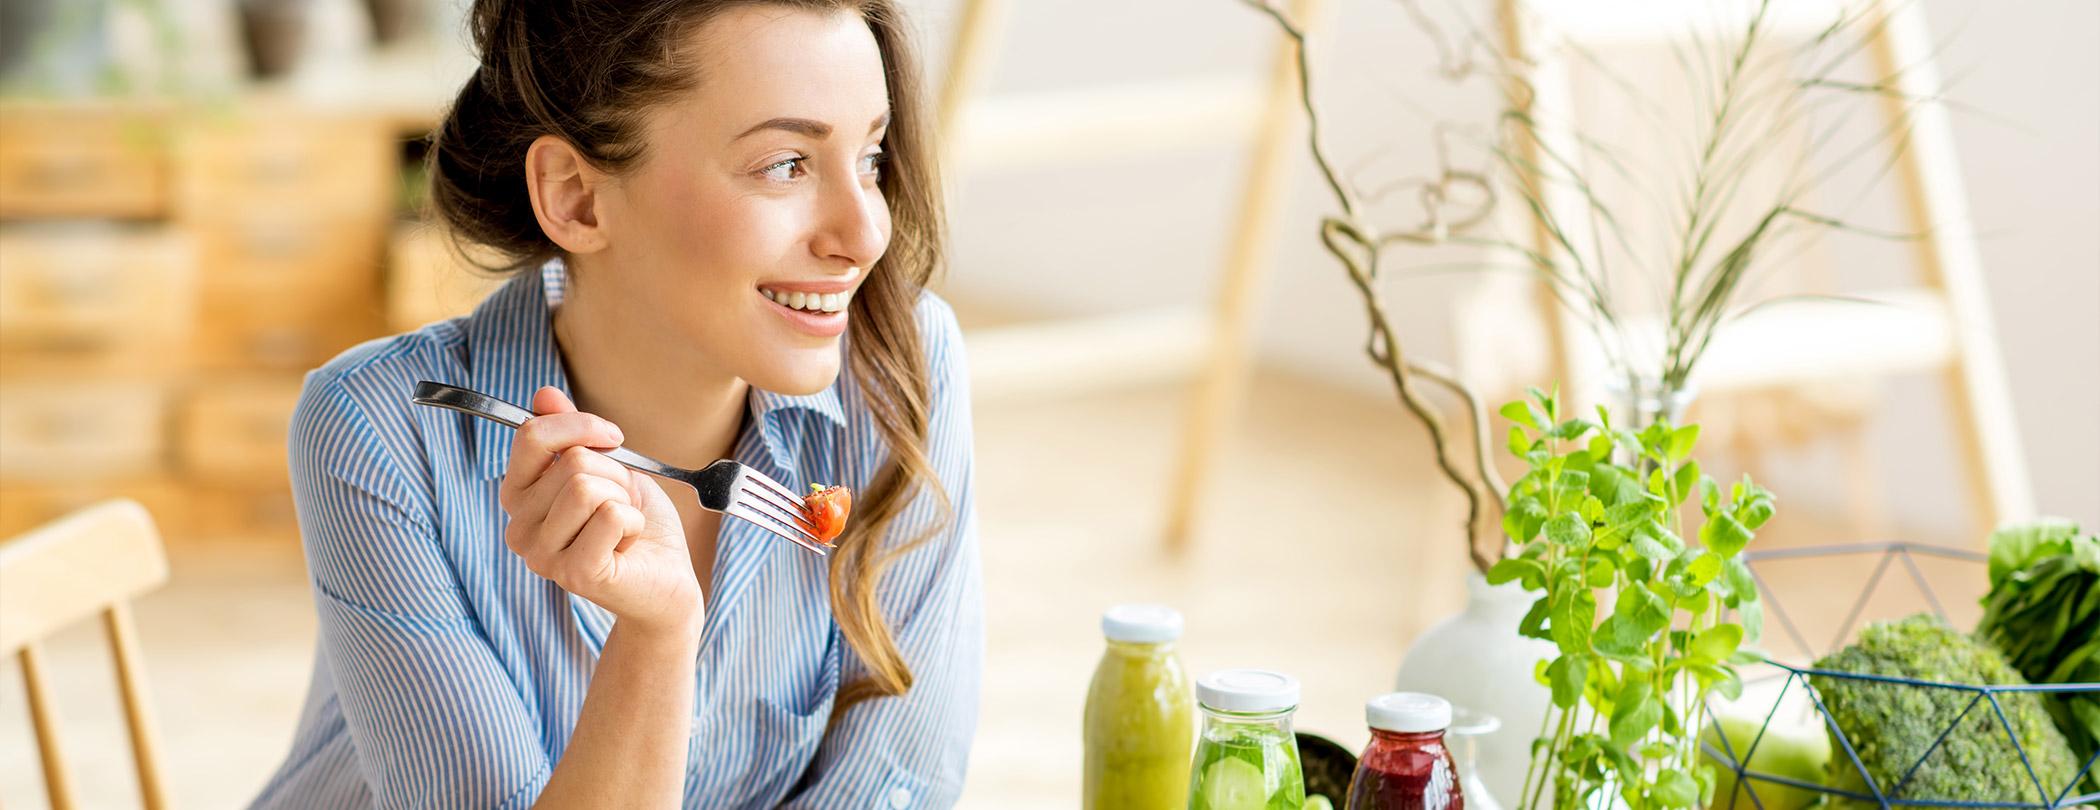 Sağlıklı beslenme konusunda merak ettikleriniz mi var? Kilo vermeye ya da almaya mı çalışıyorsunuz? Diyettesiniz ve kalori hesabı konusunda sorularınız mı var? Geçmiş olsun, yalnız değilsiniz!